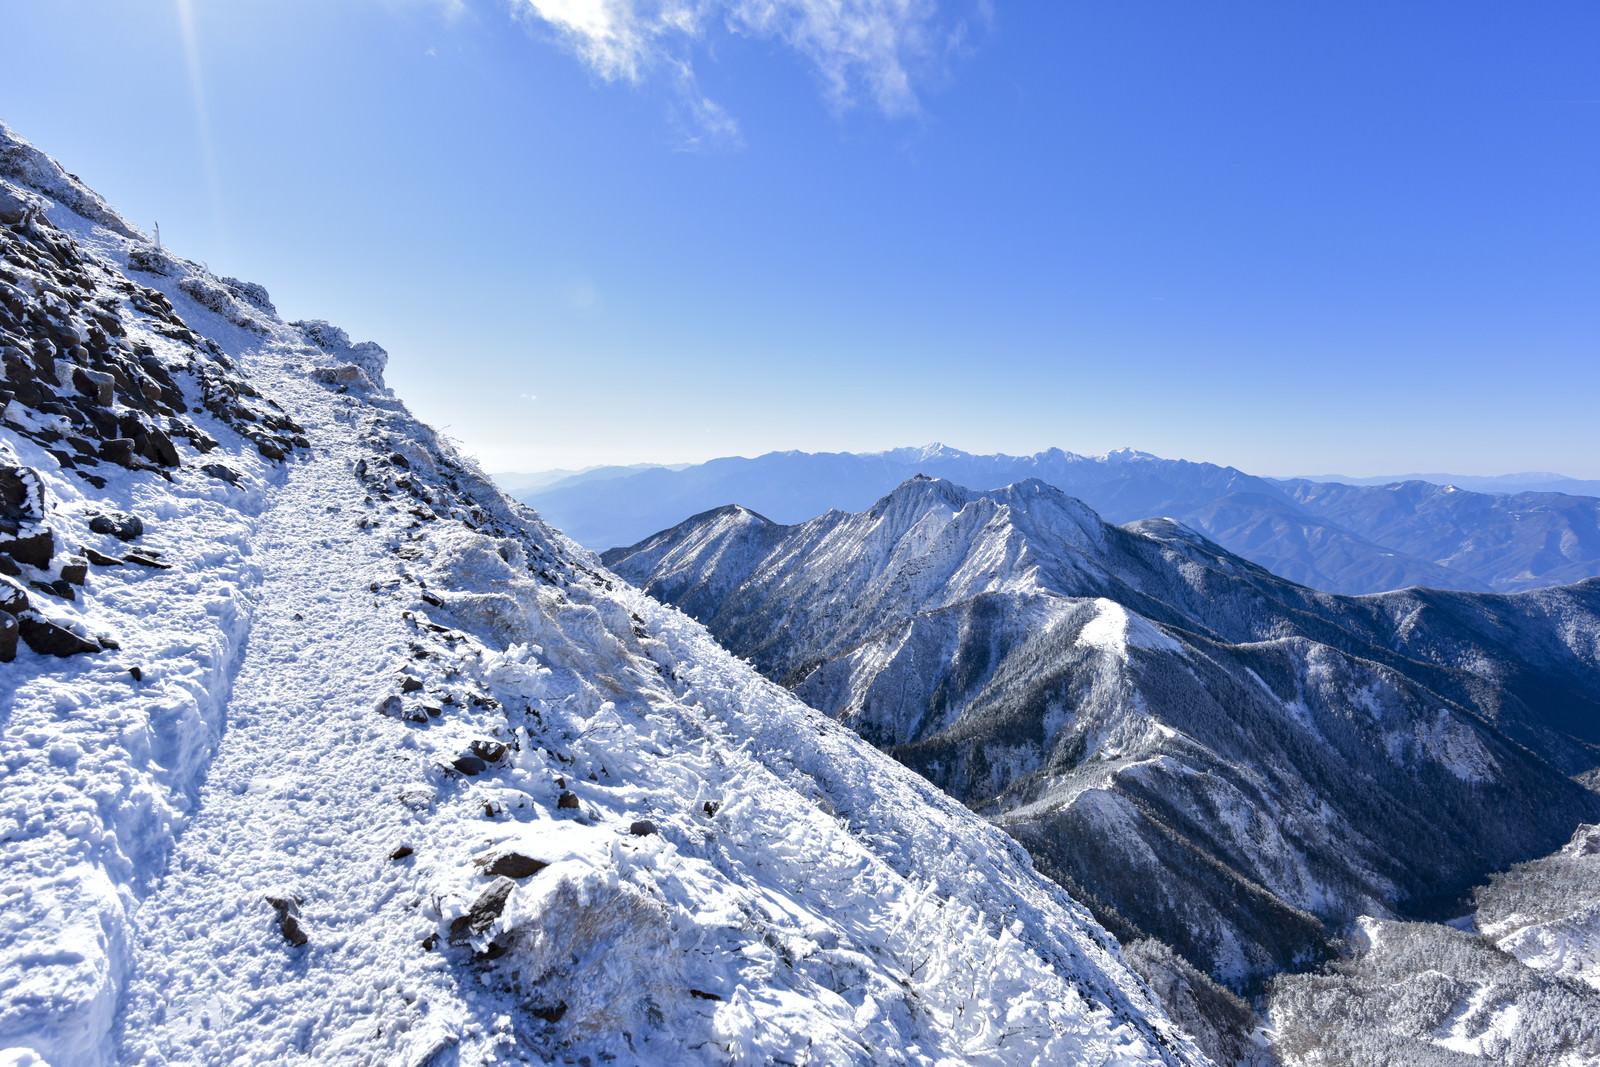 「文三郎尾根のか細い雪道と眼下の権現岳(ごんげんだけ)」の写真